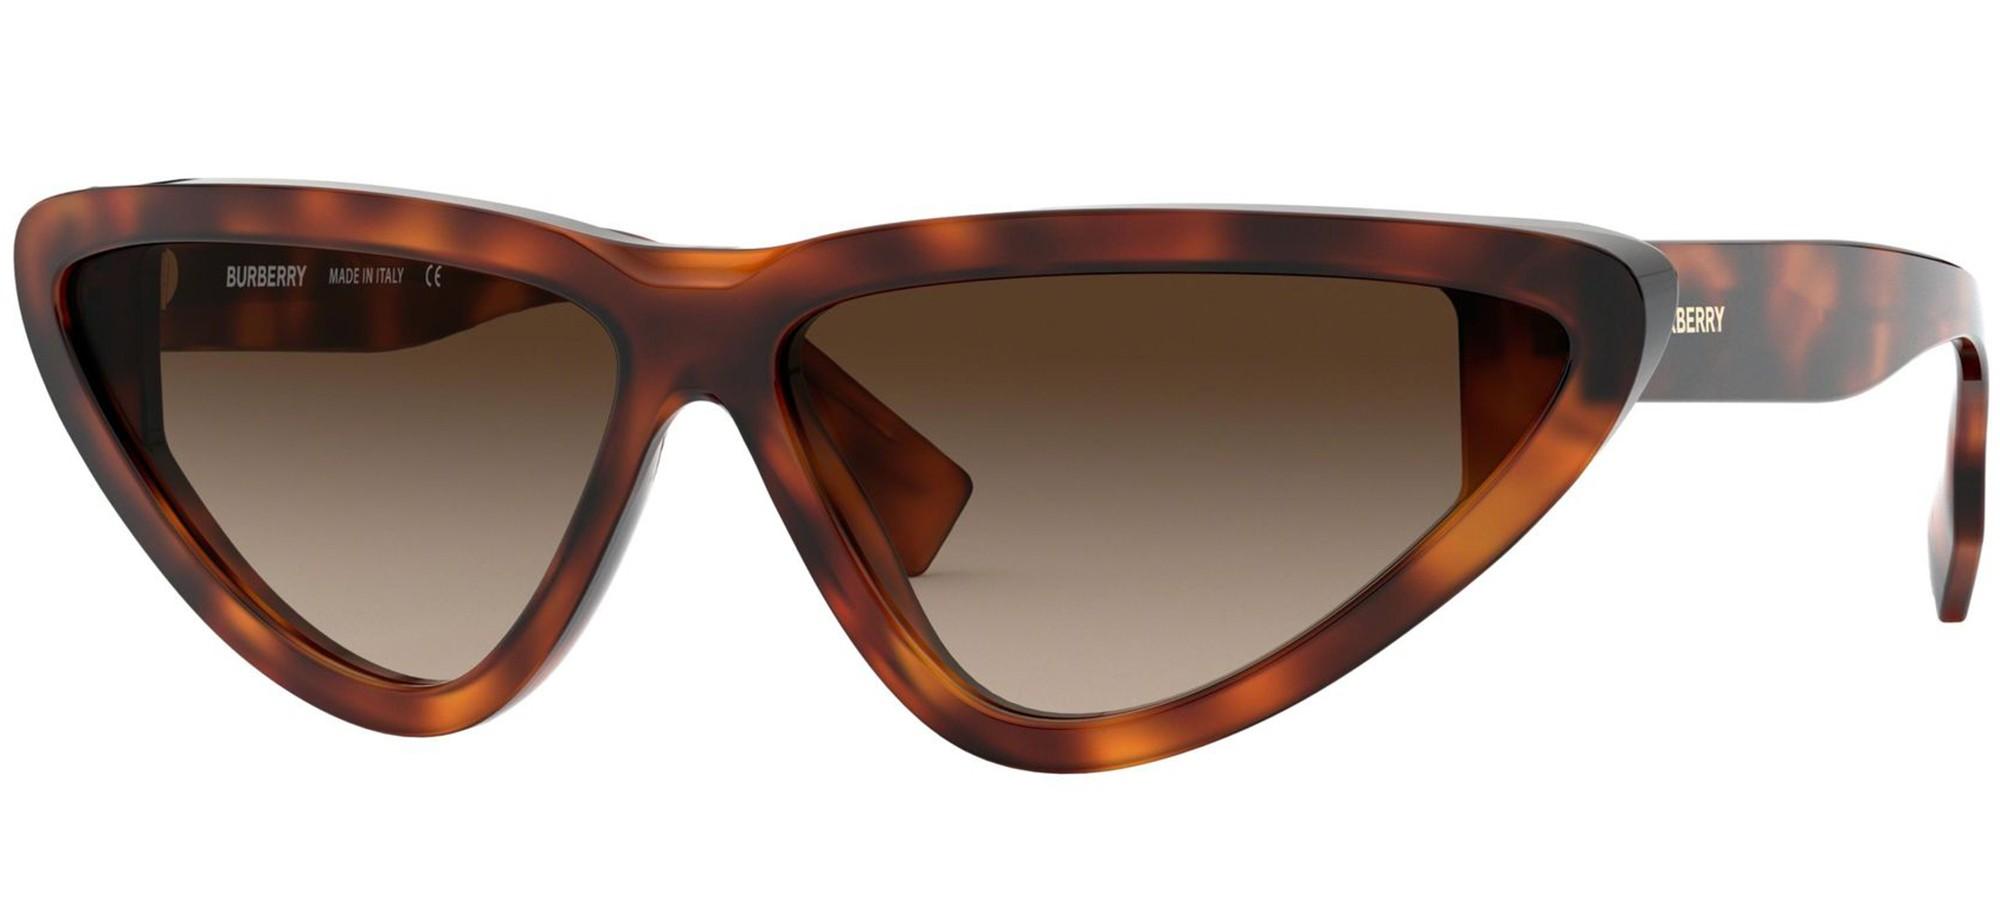 Burberry zonnebrillen B CODE BE 4292